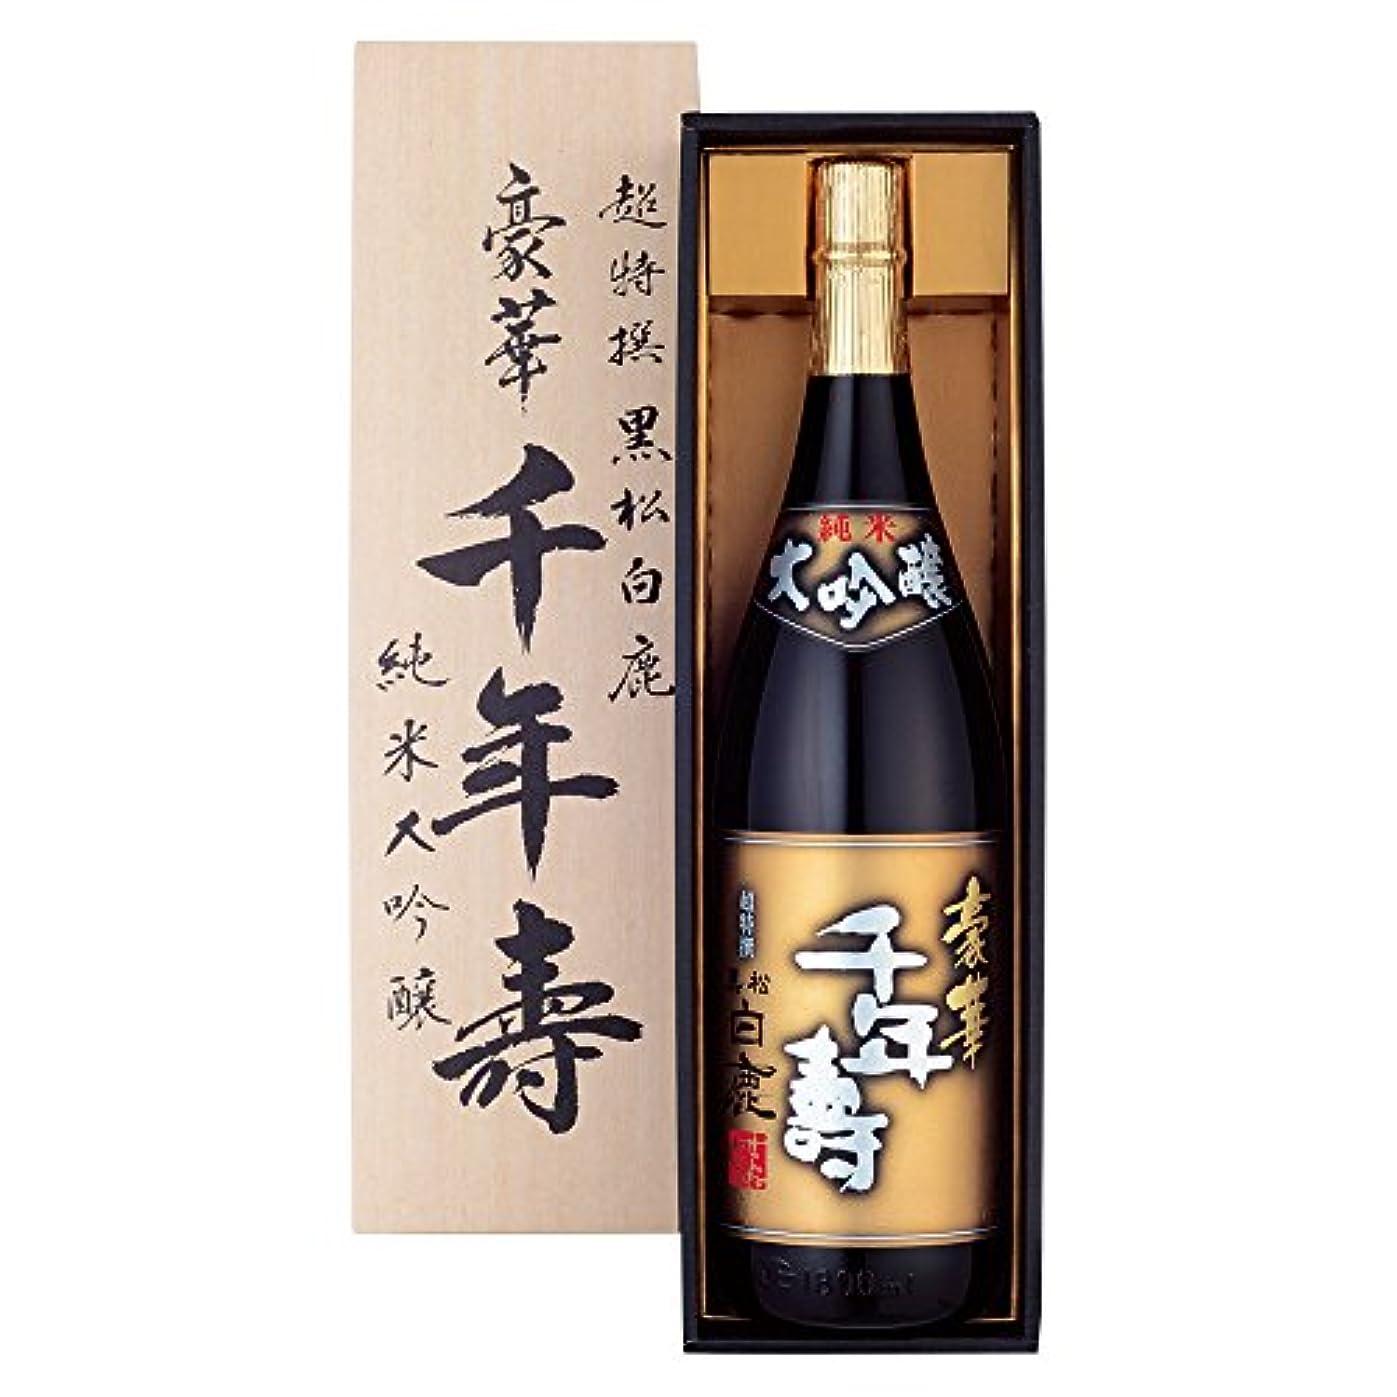 プレミアム賢明な妨げる黒松白鹿 豪華千年壽 純米大吟醸1.8L